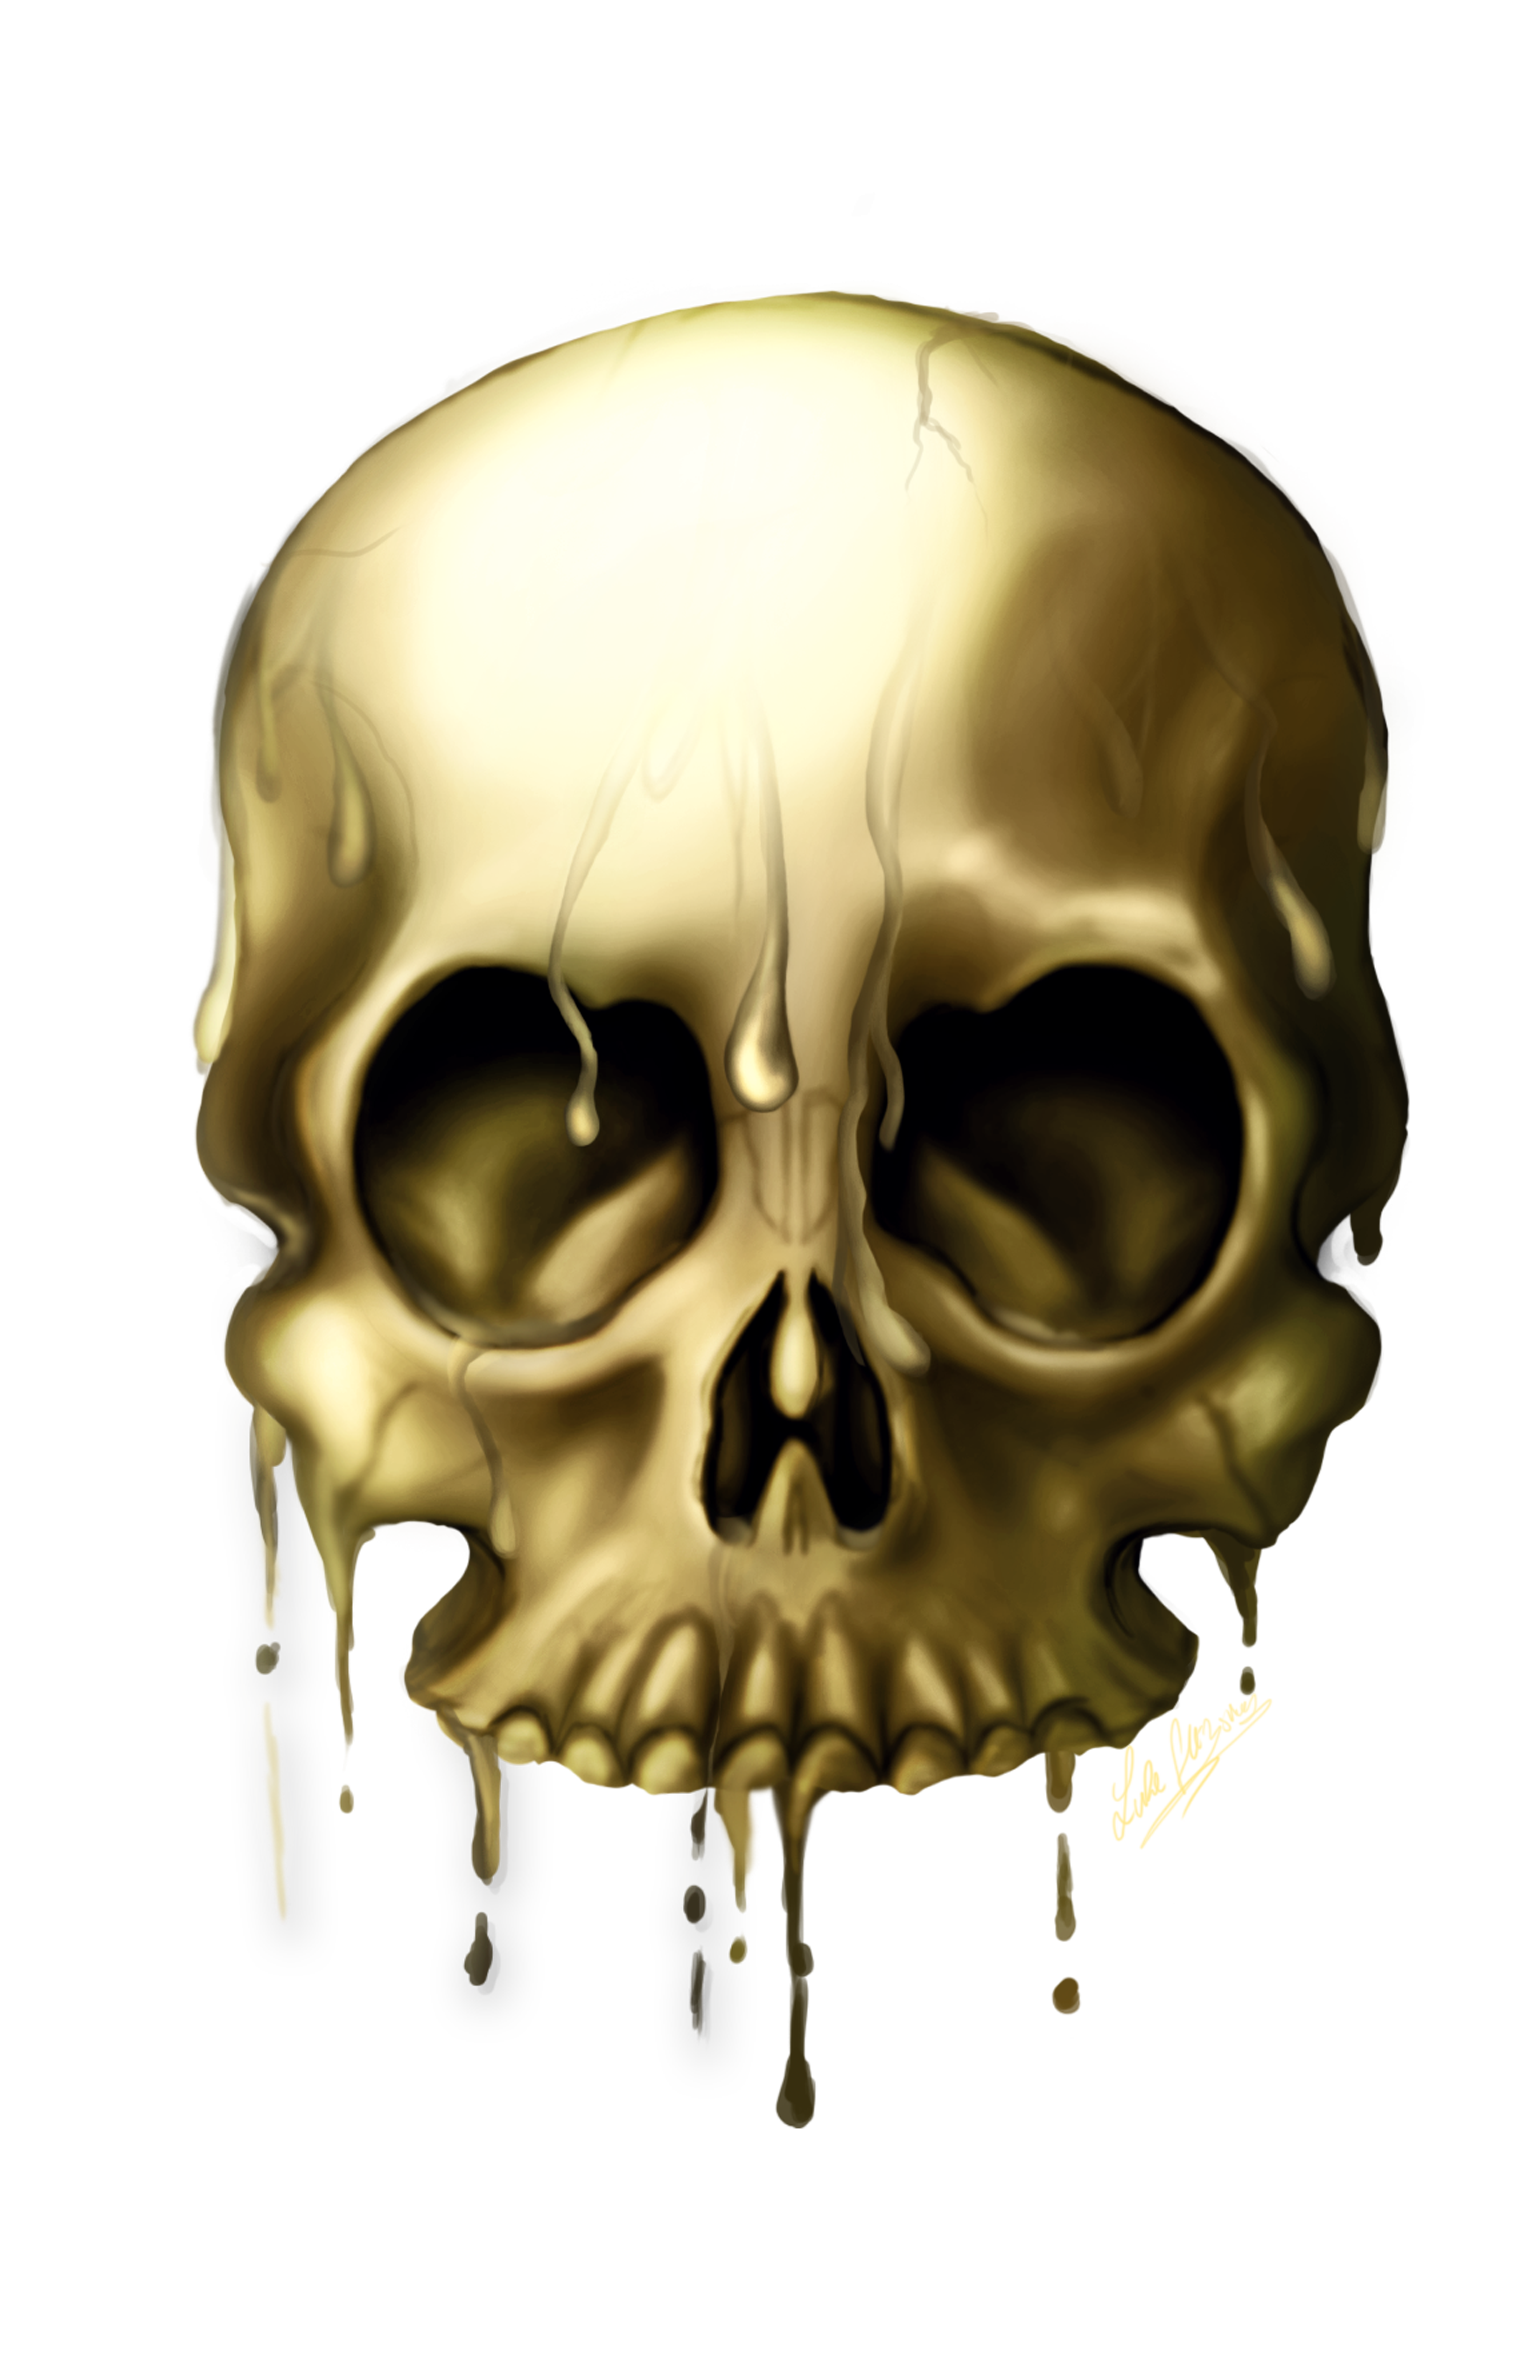 Skulls Png Image Skull Png Png Images